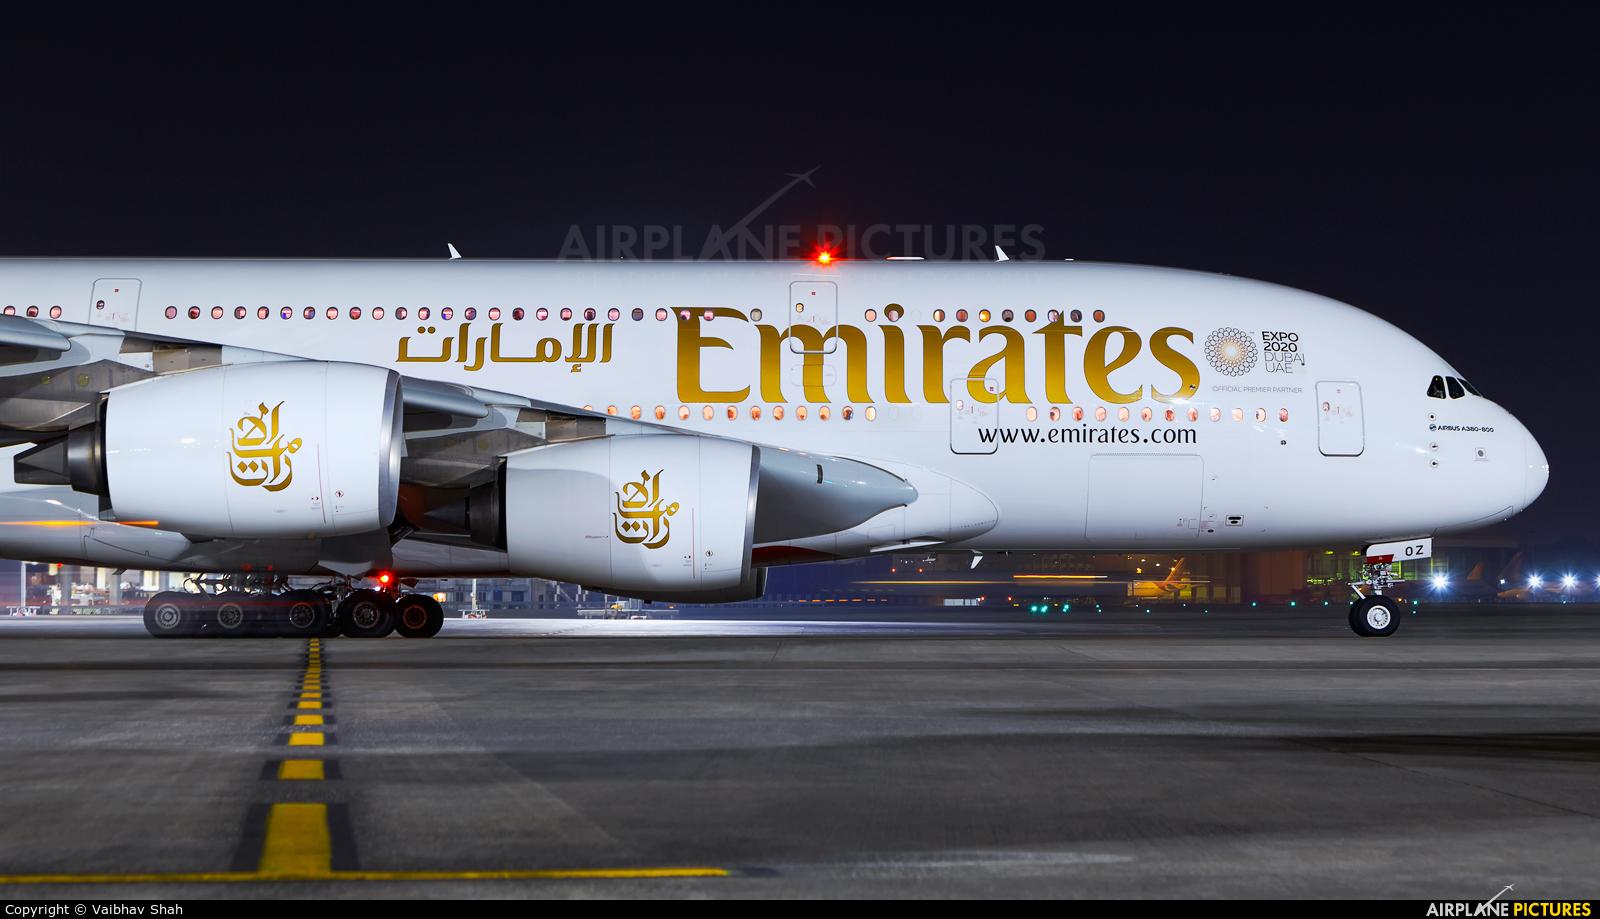 Emirates Airlines A6-EOZ aircraft at Mumbai - Chhatrapati Shivaji Intl